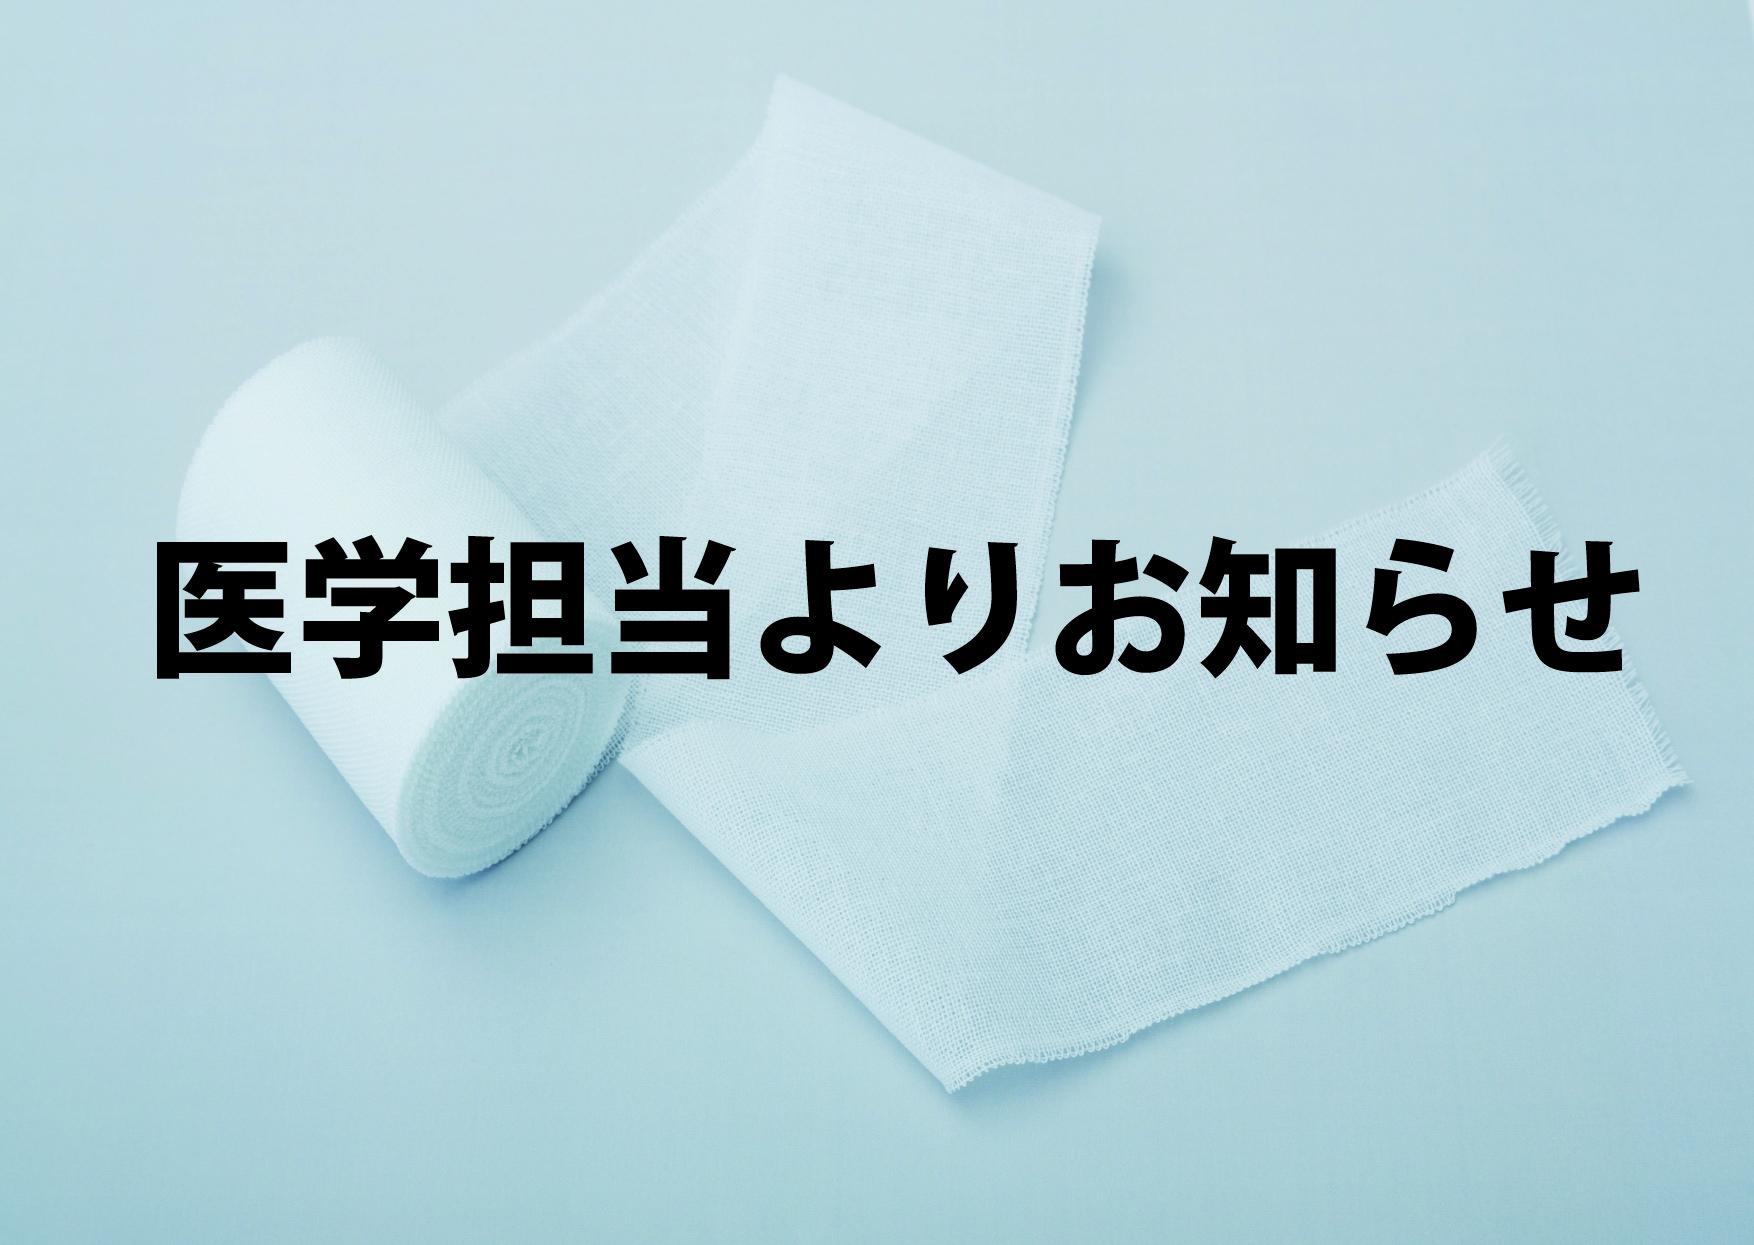 紀伊國屋書店:医学担当ページ